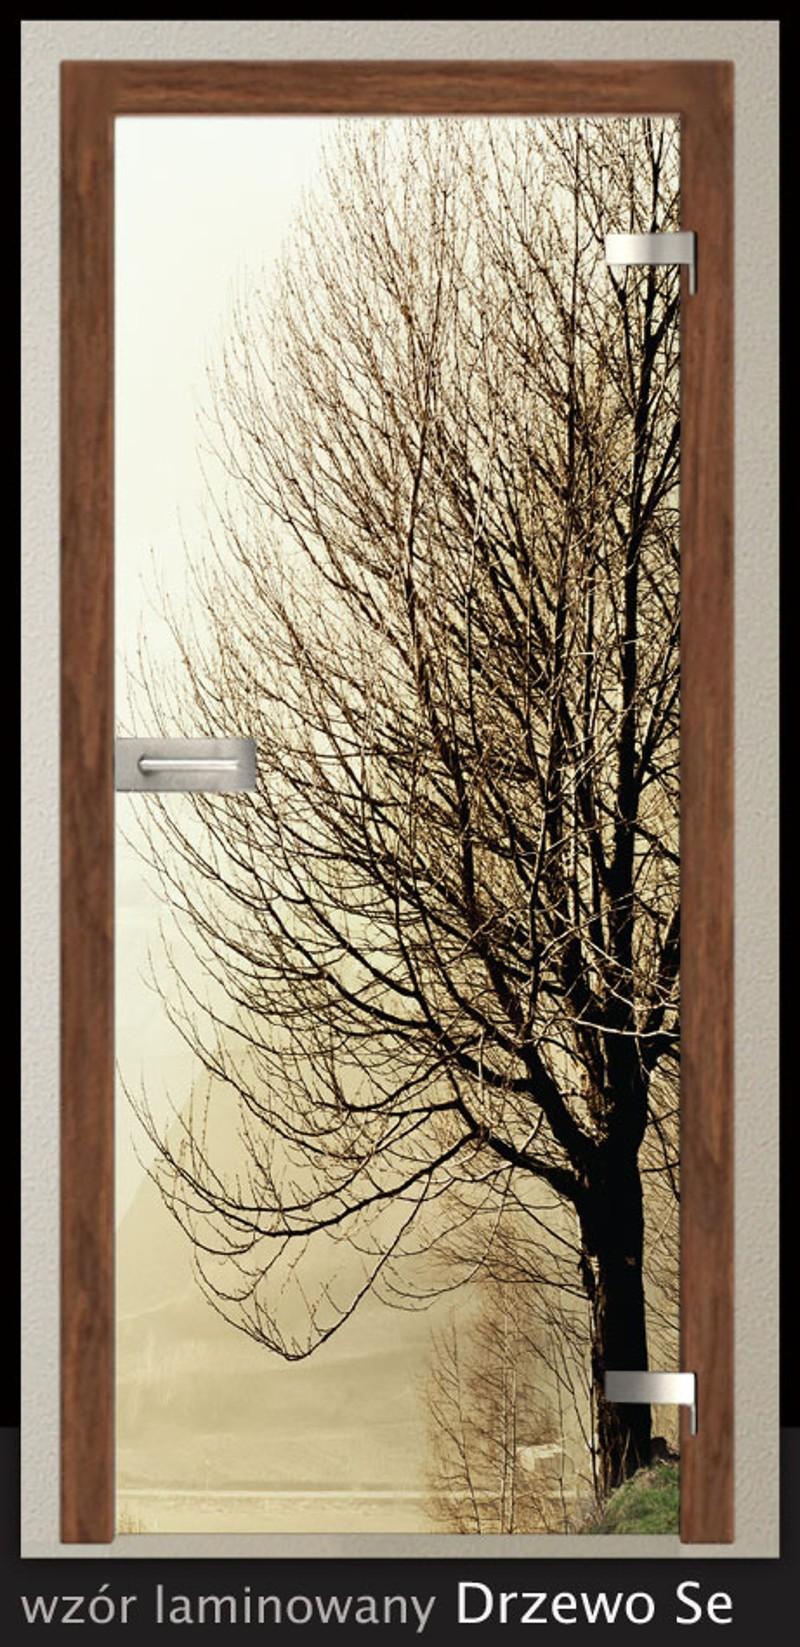 Drzewo Se